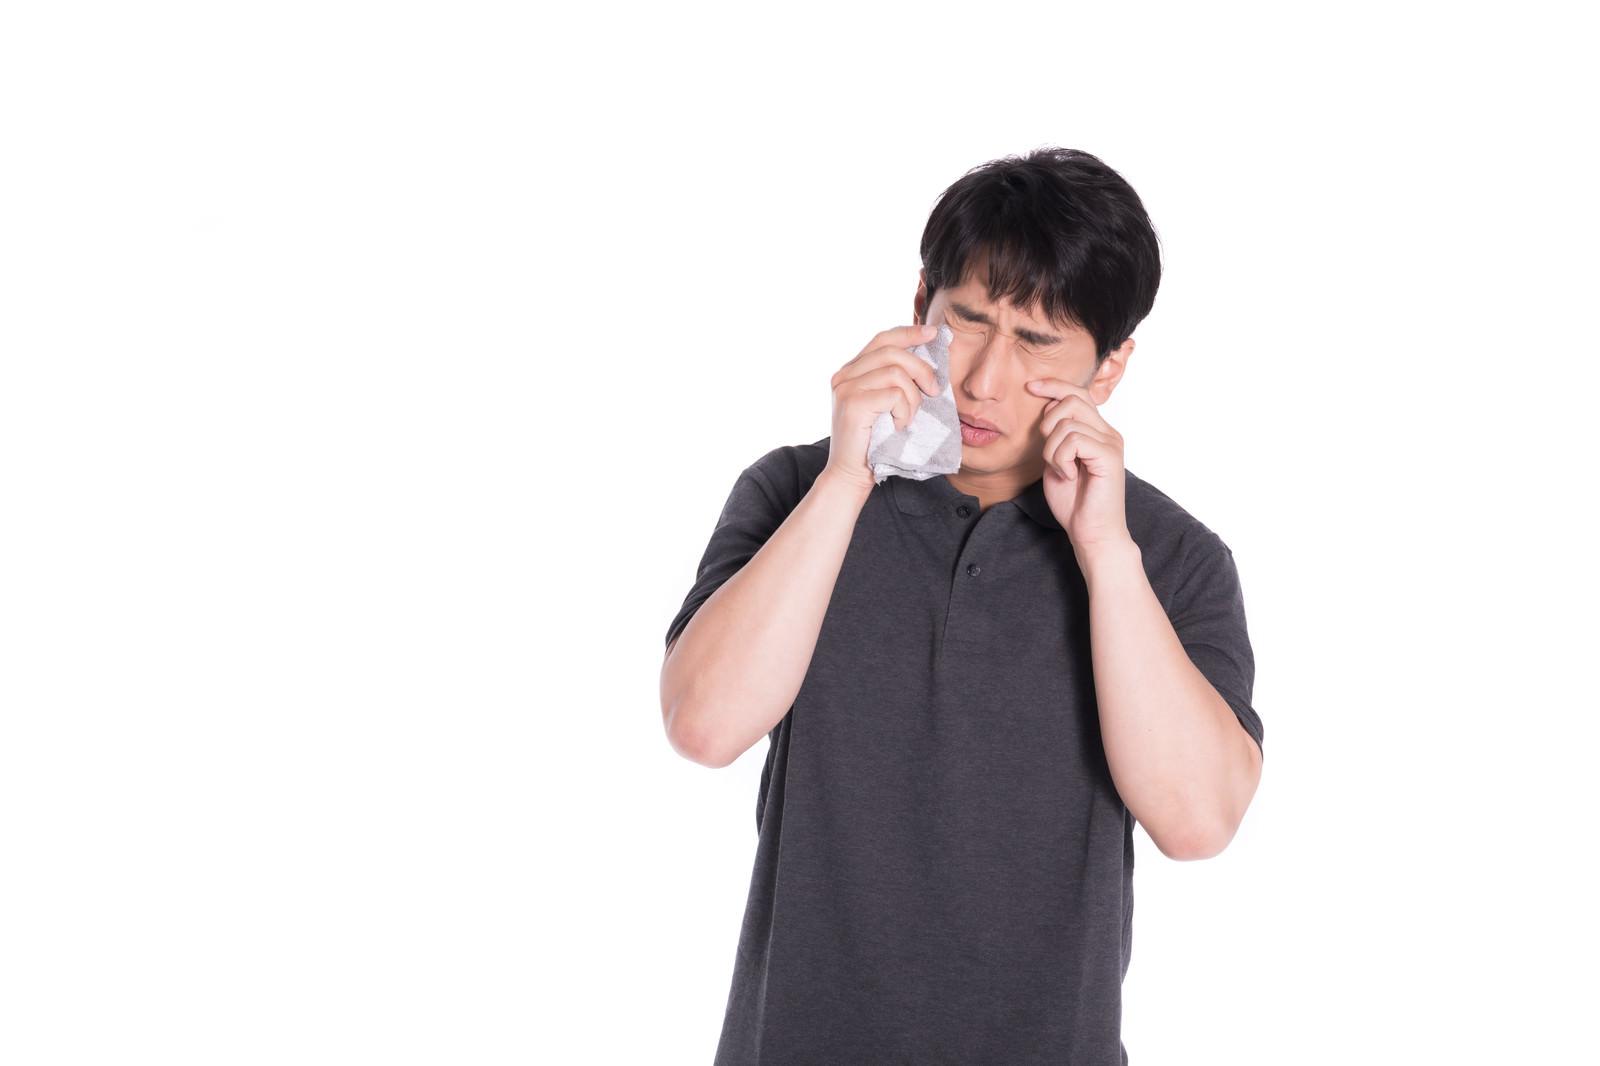 「感動してハンカチで涙を拭う男性」の写真[モデル:大川竜弥]